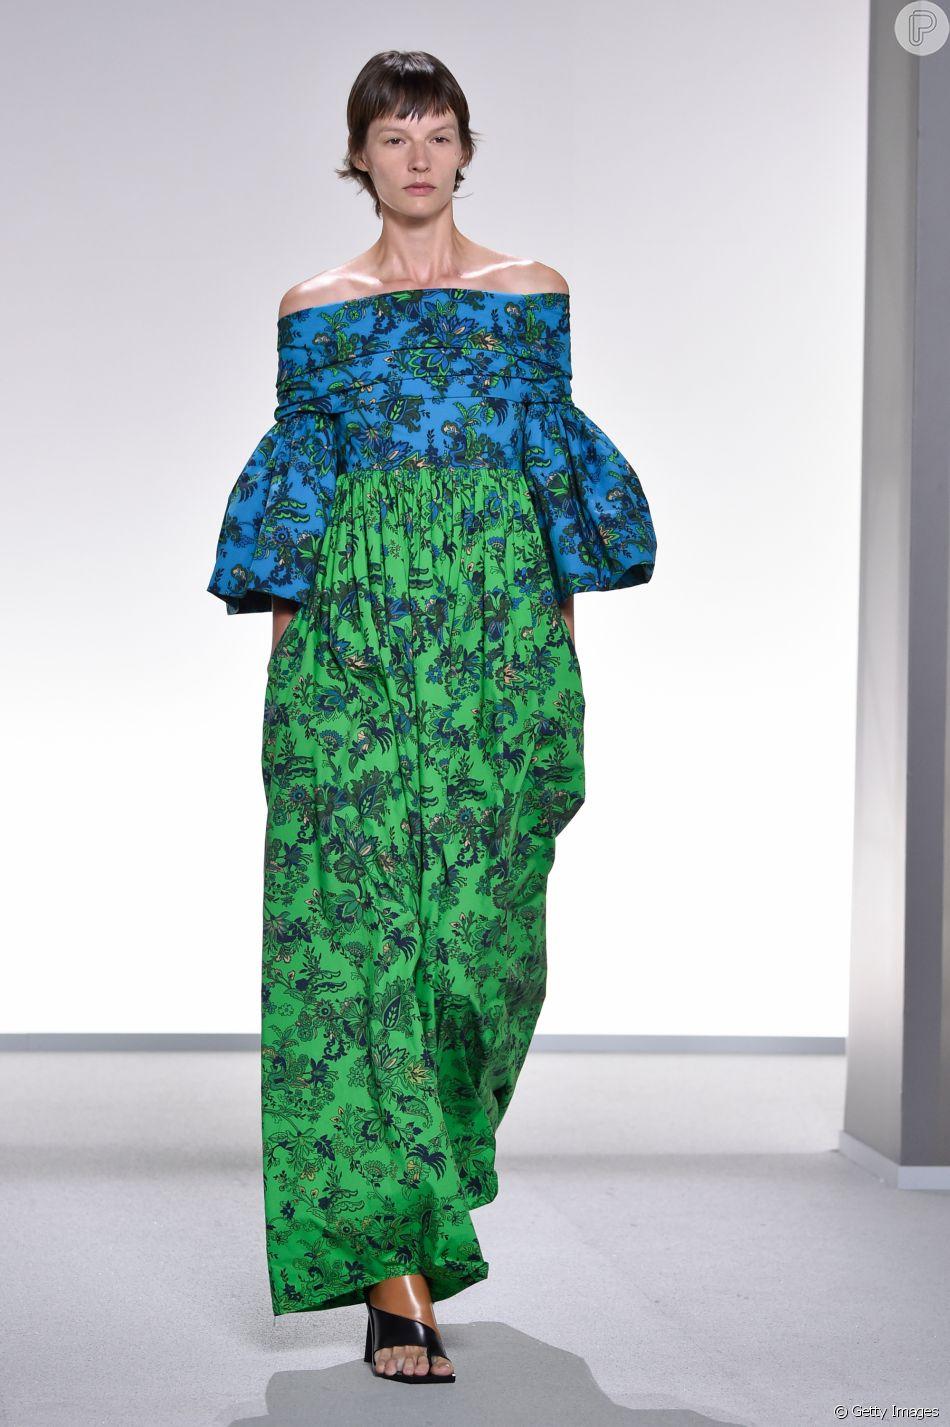 A estampa floral do verão está menor, mais delicada e com cores fortes e frescas, como verde e azul